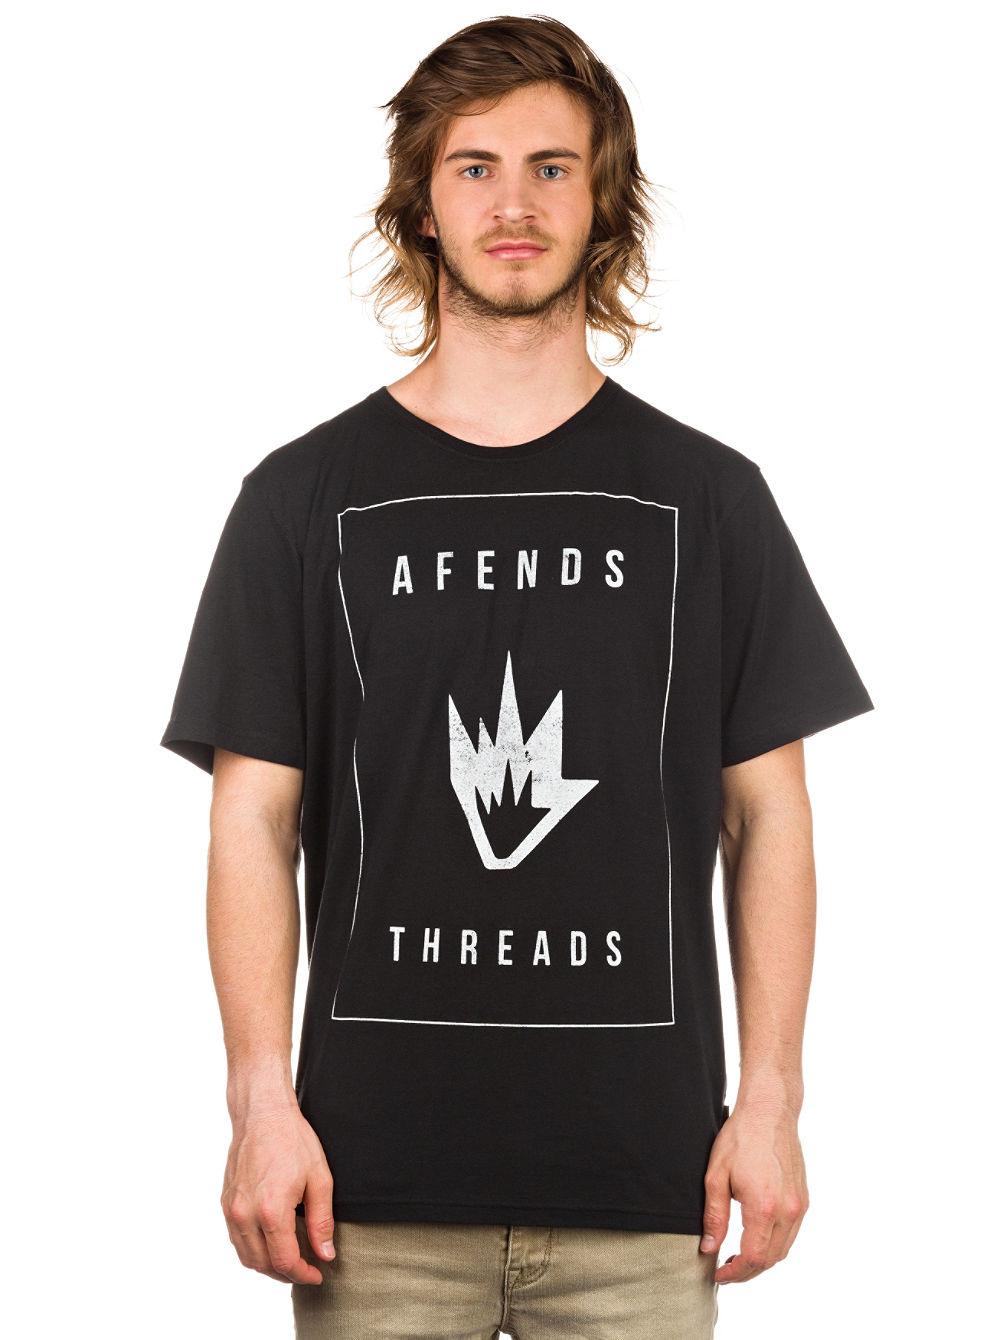 afends-threads-t-shirt